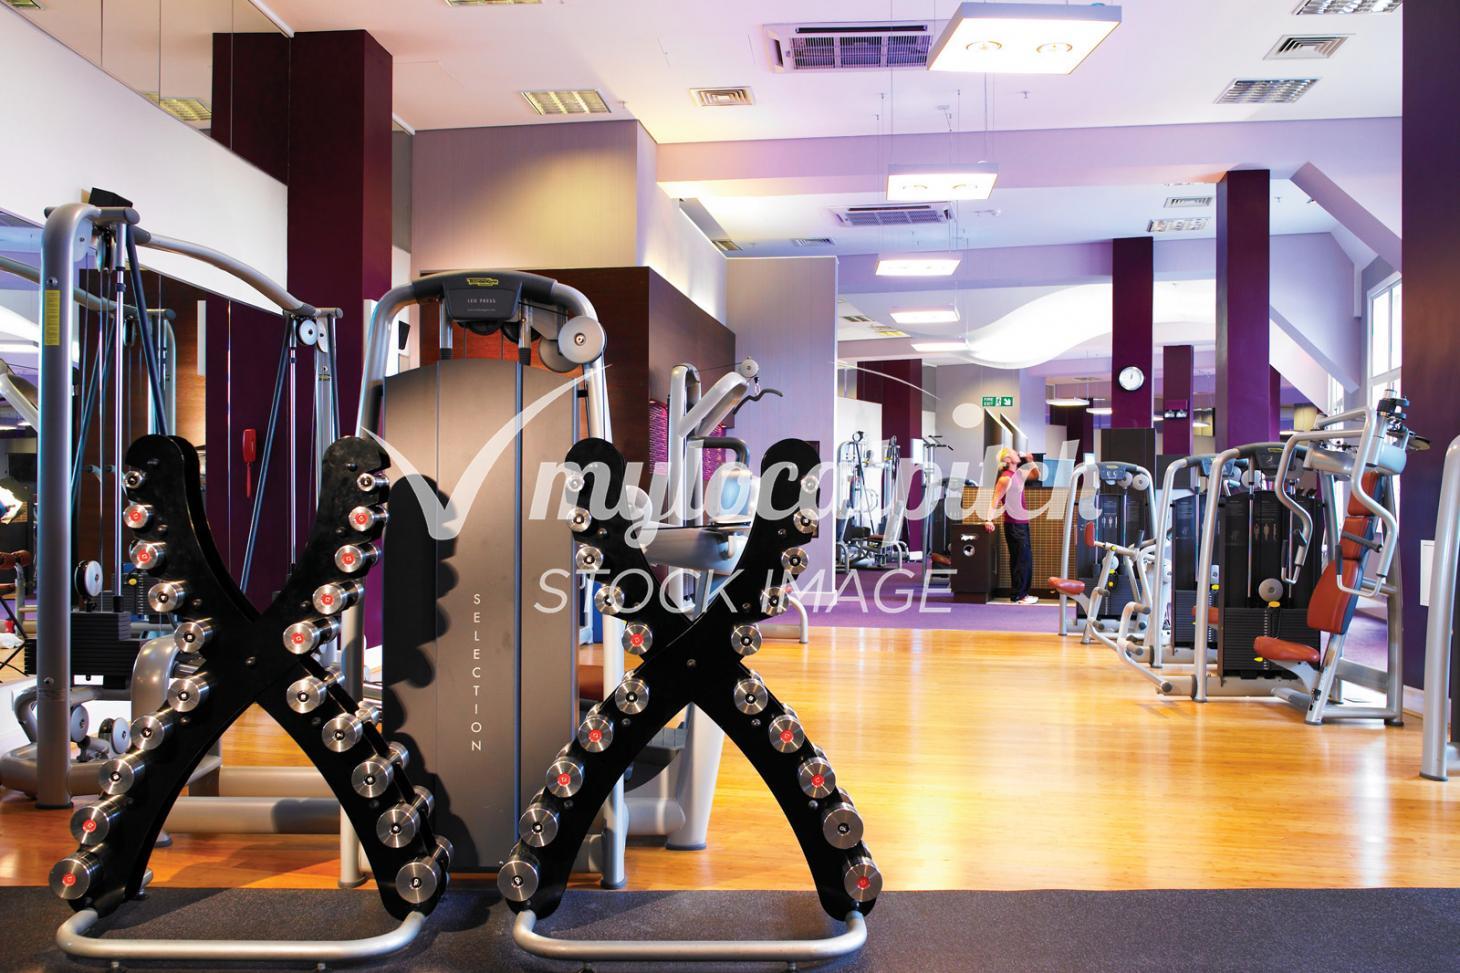 Roehampton Club Gym gym